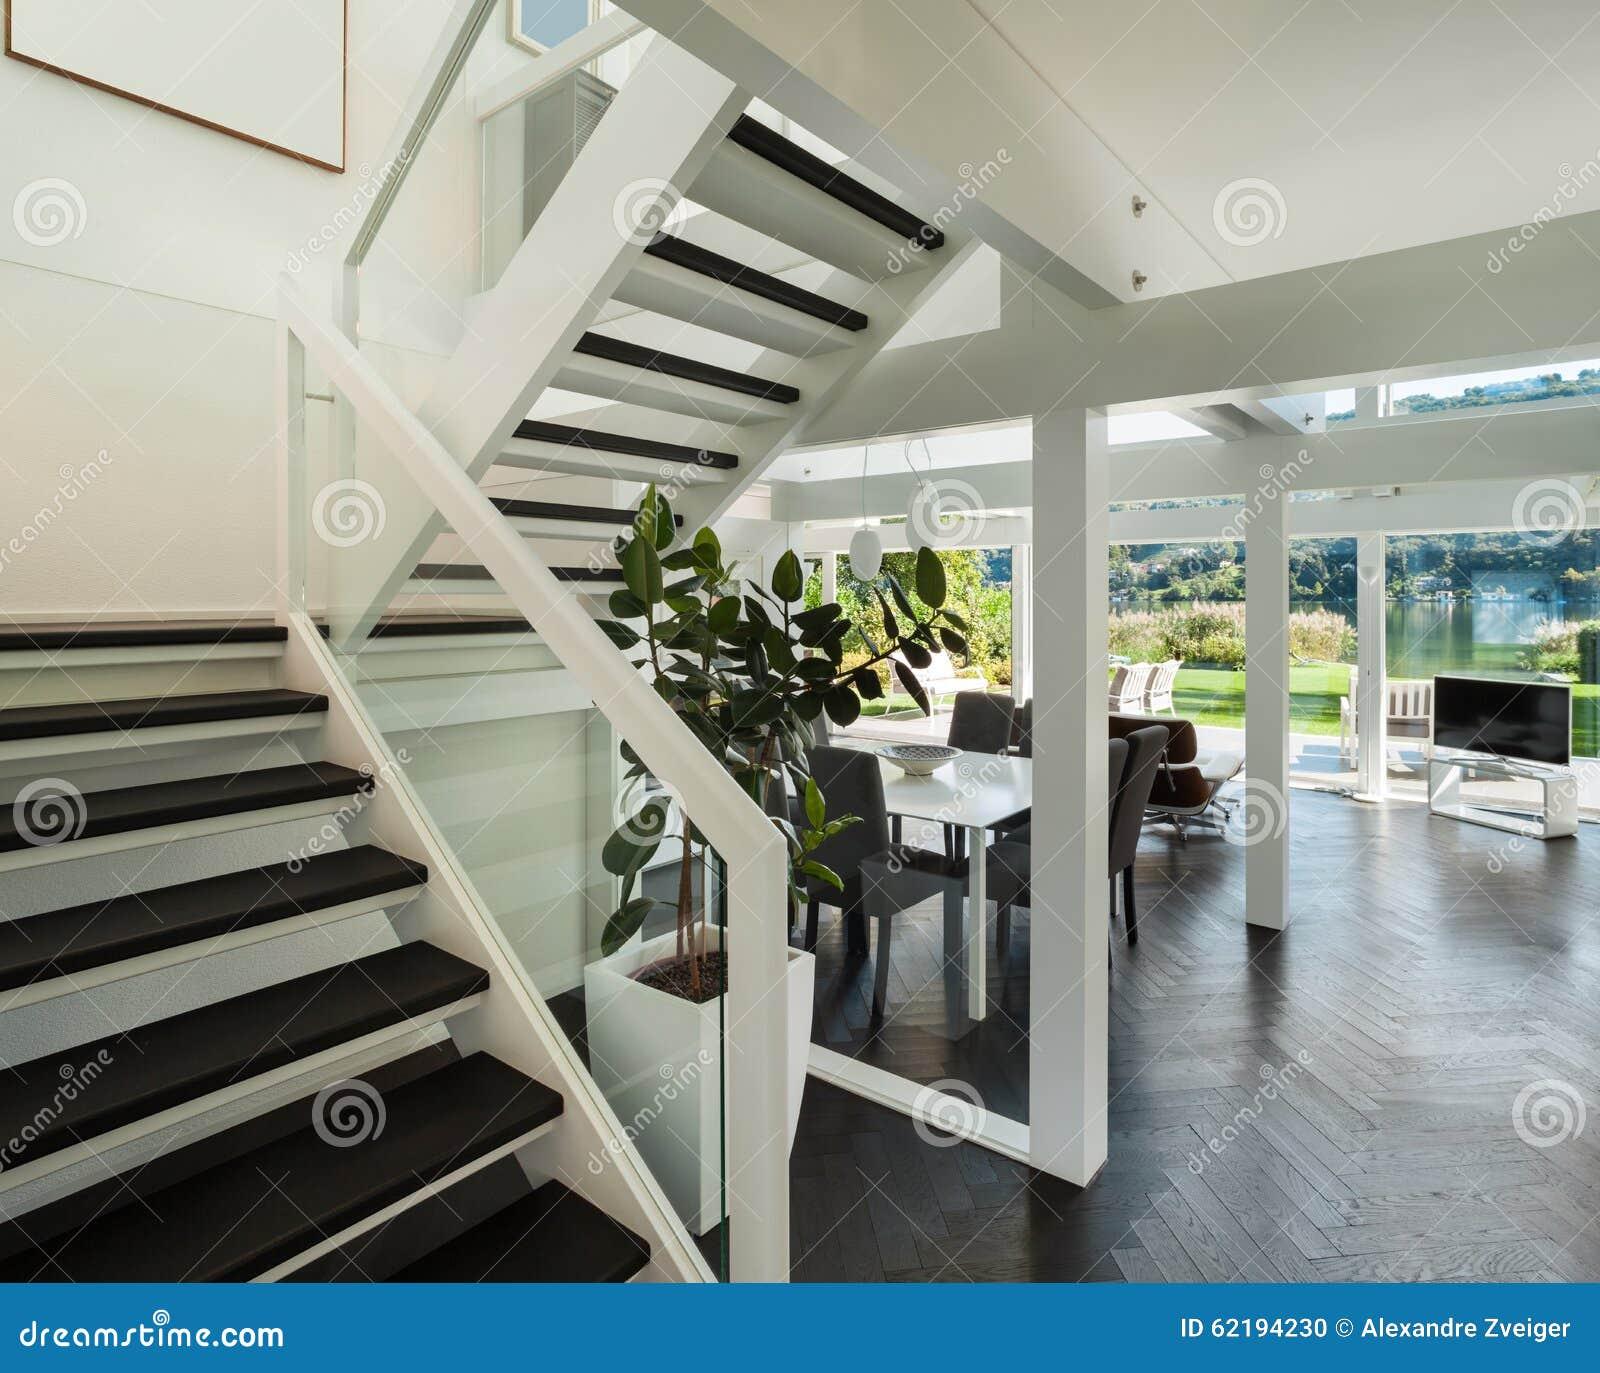 Escalier Interieur Maison Moderne intérieur, vue de salon d'escalier photo stock - image du